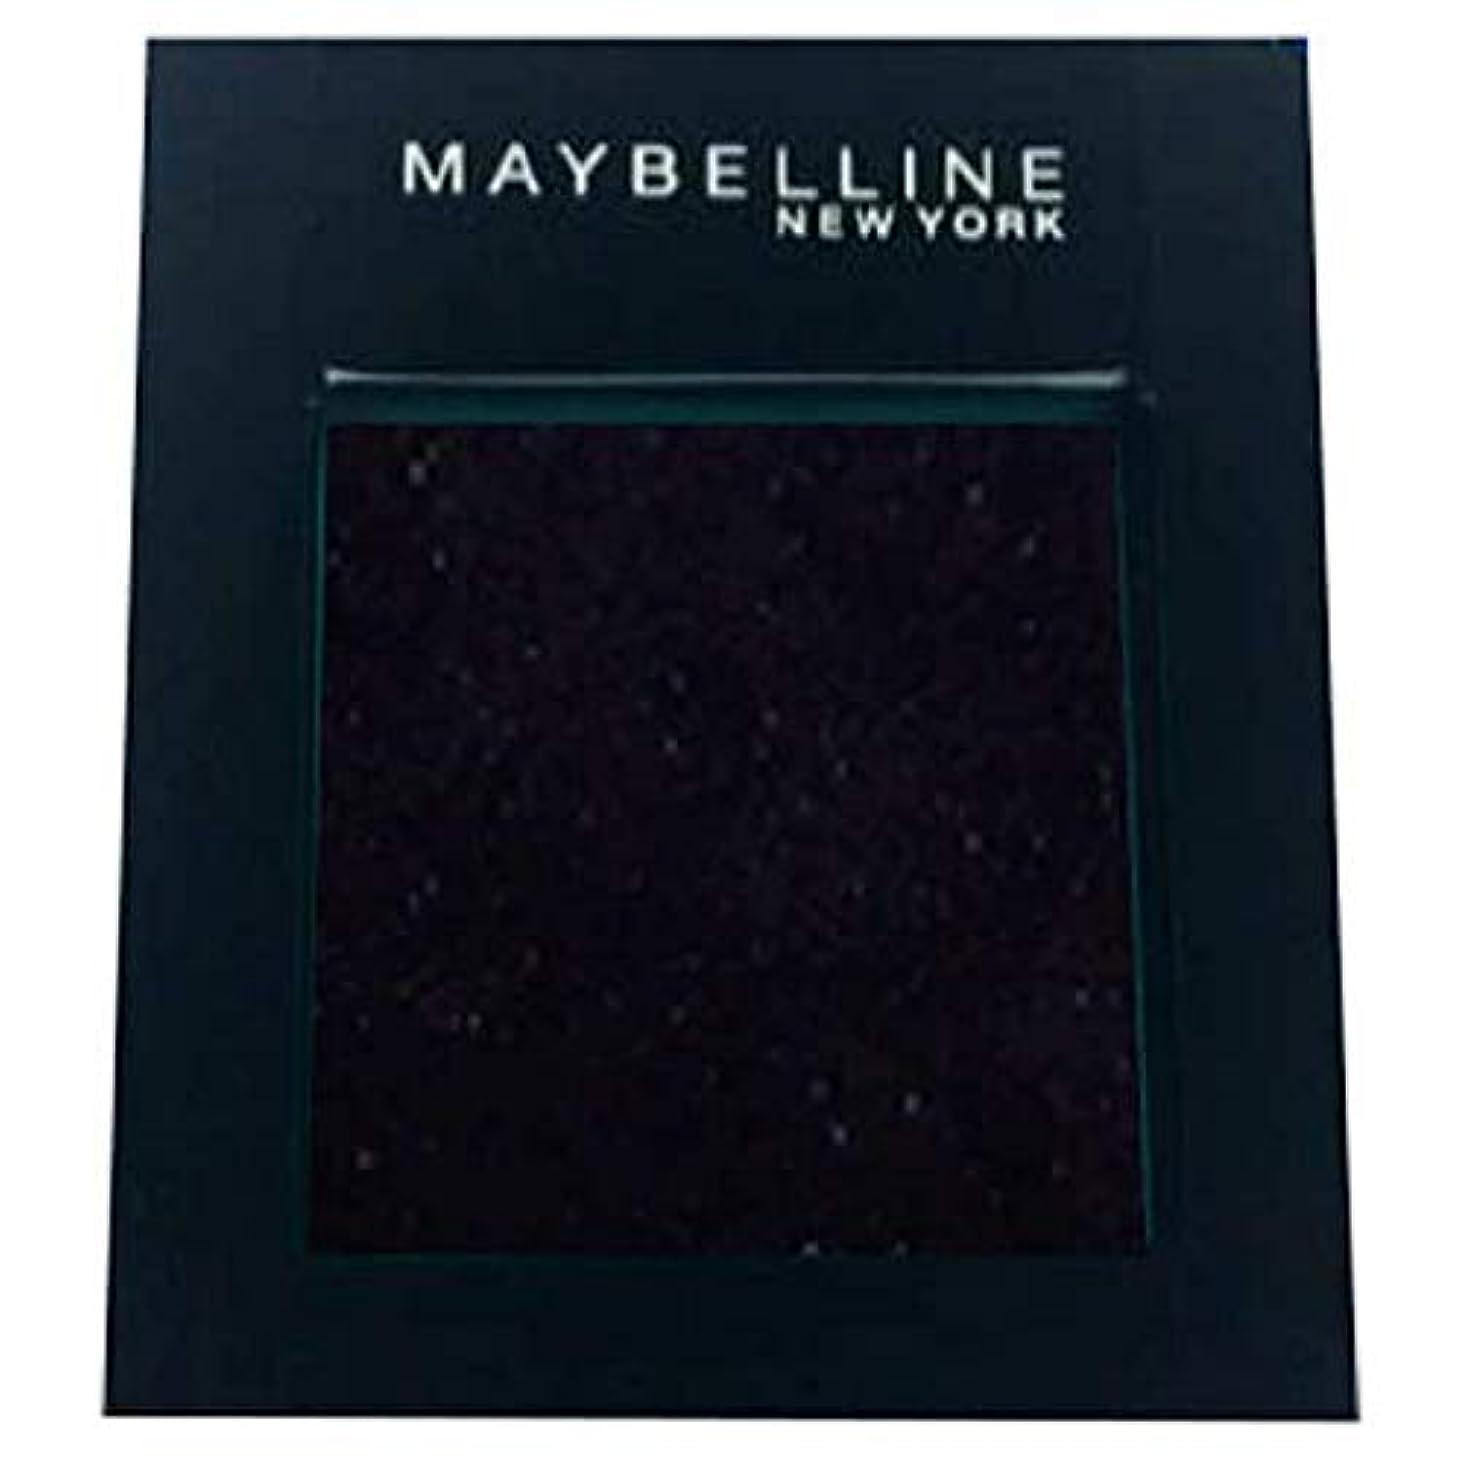 狂気重要免疫[Maybelline ] メイベリンカラーショーシングルアイシャドウ125の夜 - Maybelline Color Show Single Eyeshadow 125 Night [並行輸入品]